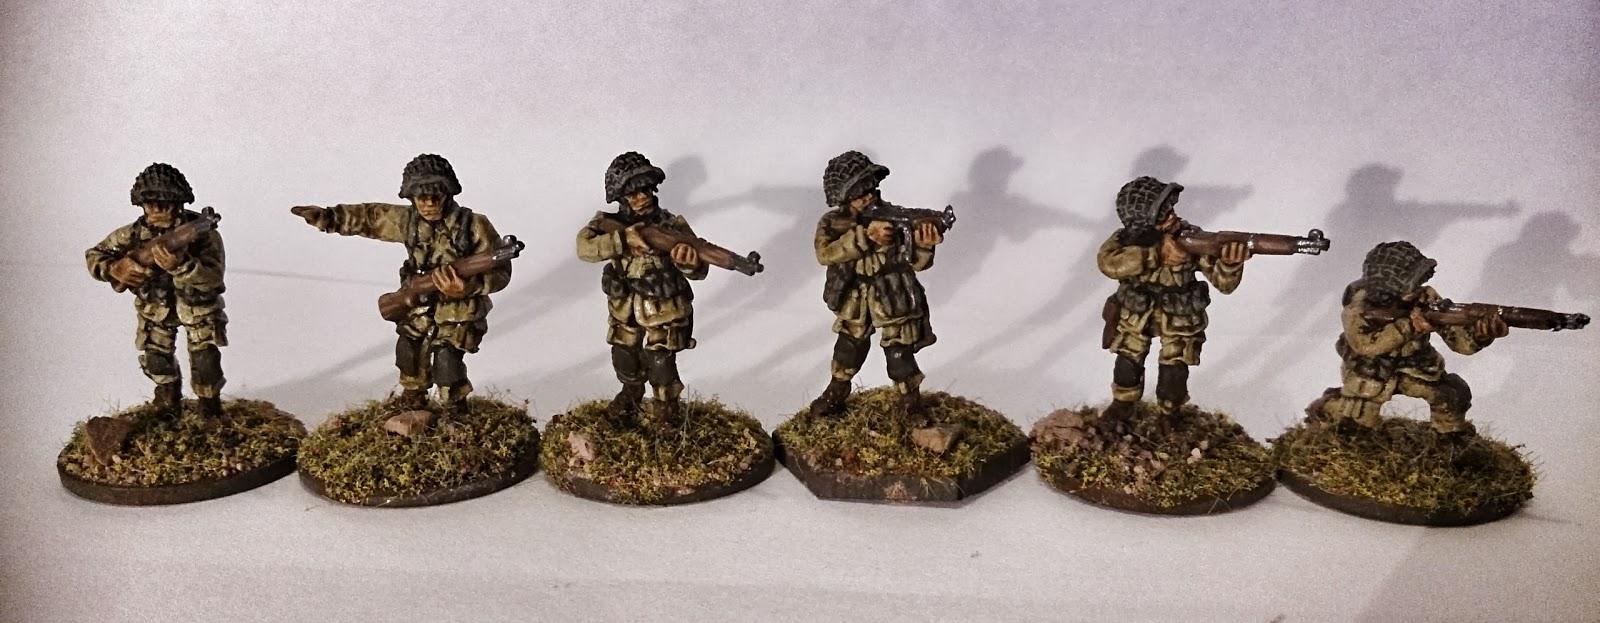 Elhiem US Paratroopers Painting Guide